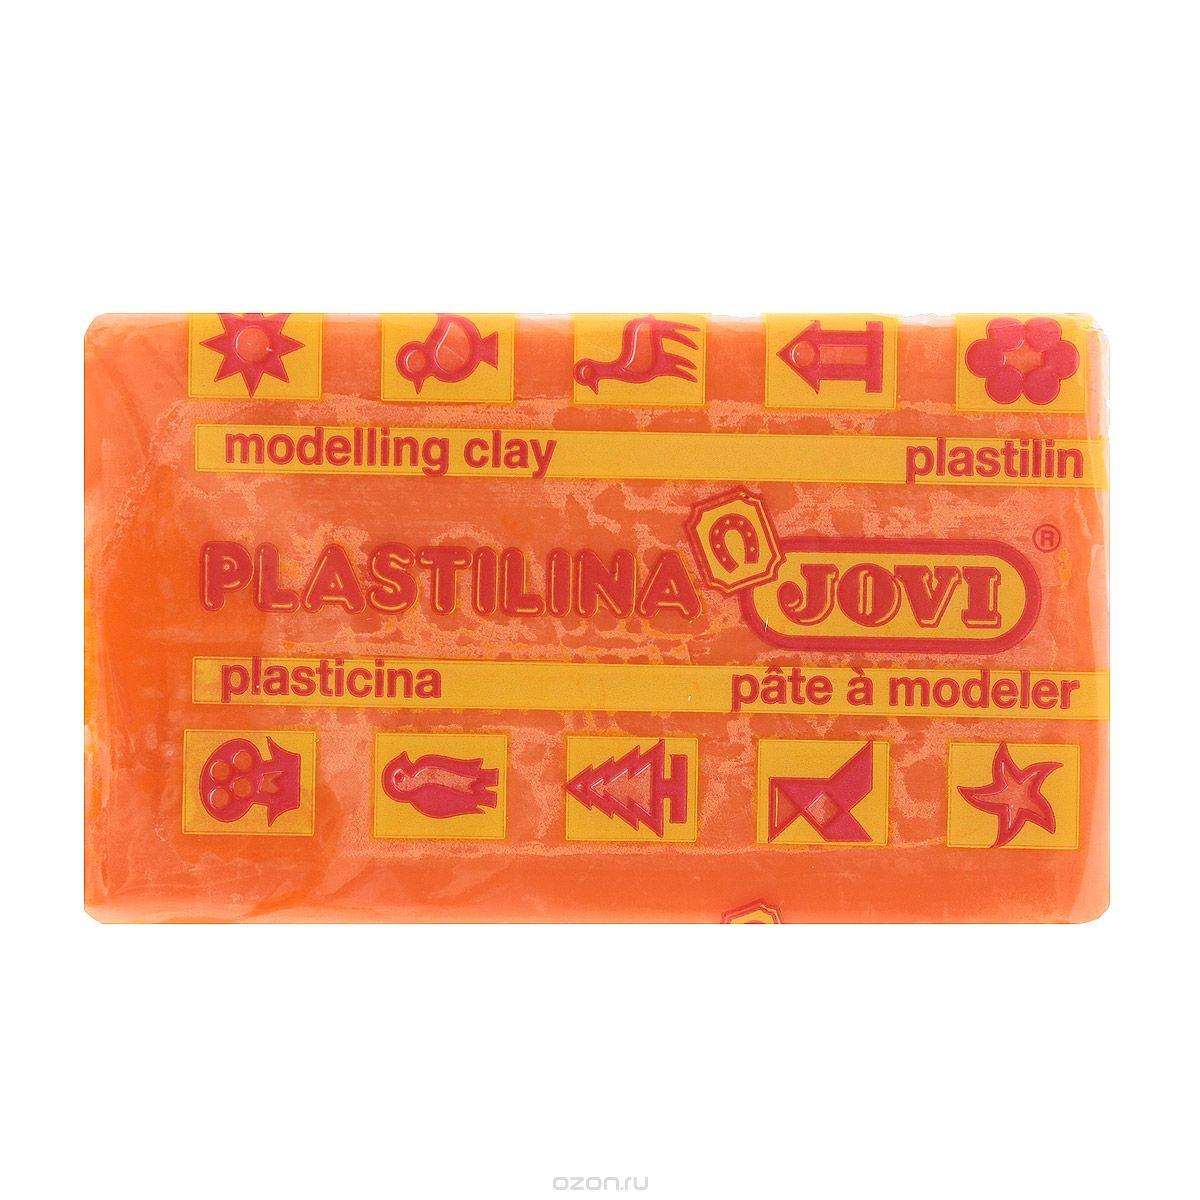 Jovi Пластилин, цвет: оранжевый, 50 г23С 1484-08Пластилин Jovi - лучший выбор для лепки, он обладает превосходными изобразительными возможностями и поэтому дает простор воображению и самым смелым творческим замыслам. Пластилин, изготовленный на растительной основе, очень мягкий, легко разминается и смешивается, не пачкает руки и не прилипает к рабочей поверхности. Пластилин пригоден для создания аппликаций и поделок, ручной лепки, моделирования на каркасе, пластилиновой живописи - рисовании пластилином по бумаге, картону, дереву или текстилю. Пластические свойства сохраняются в течение 5 лет.